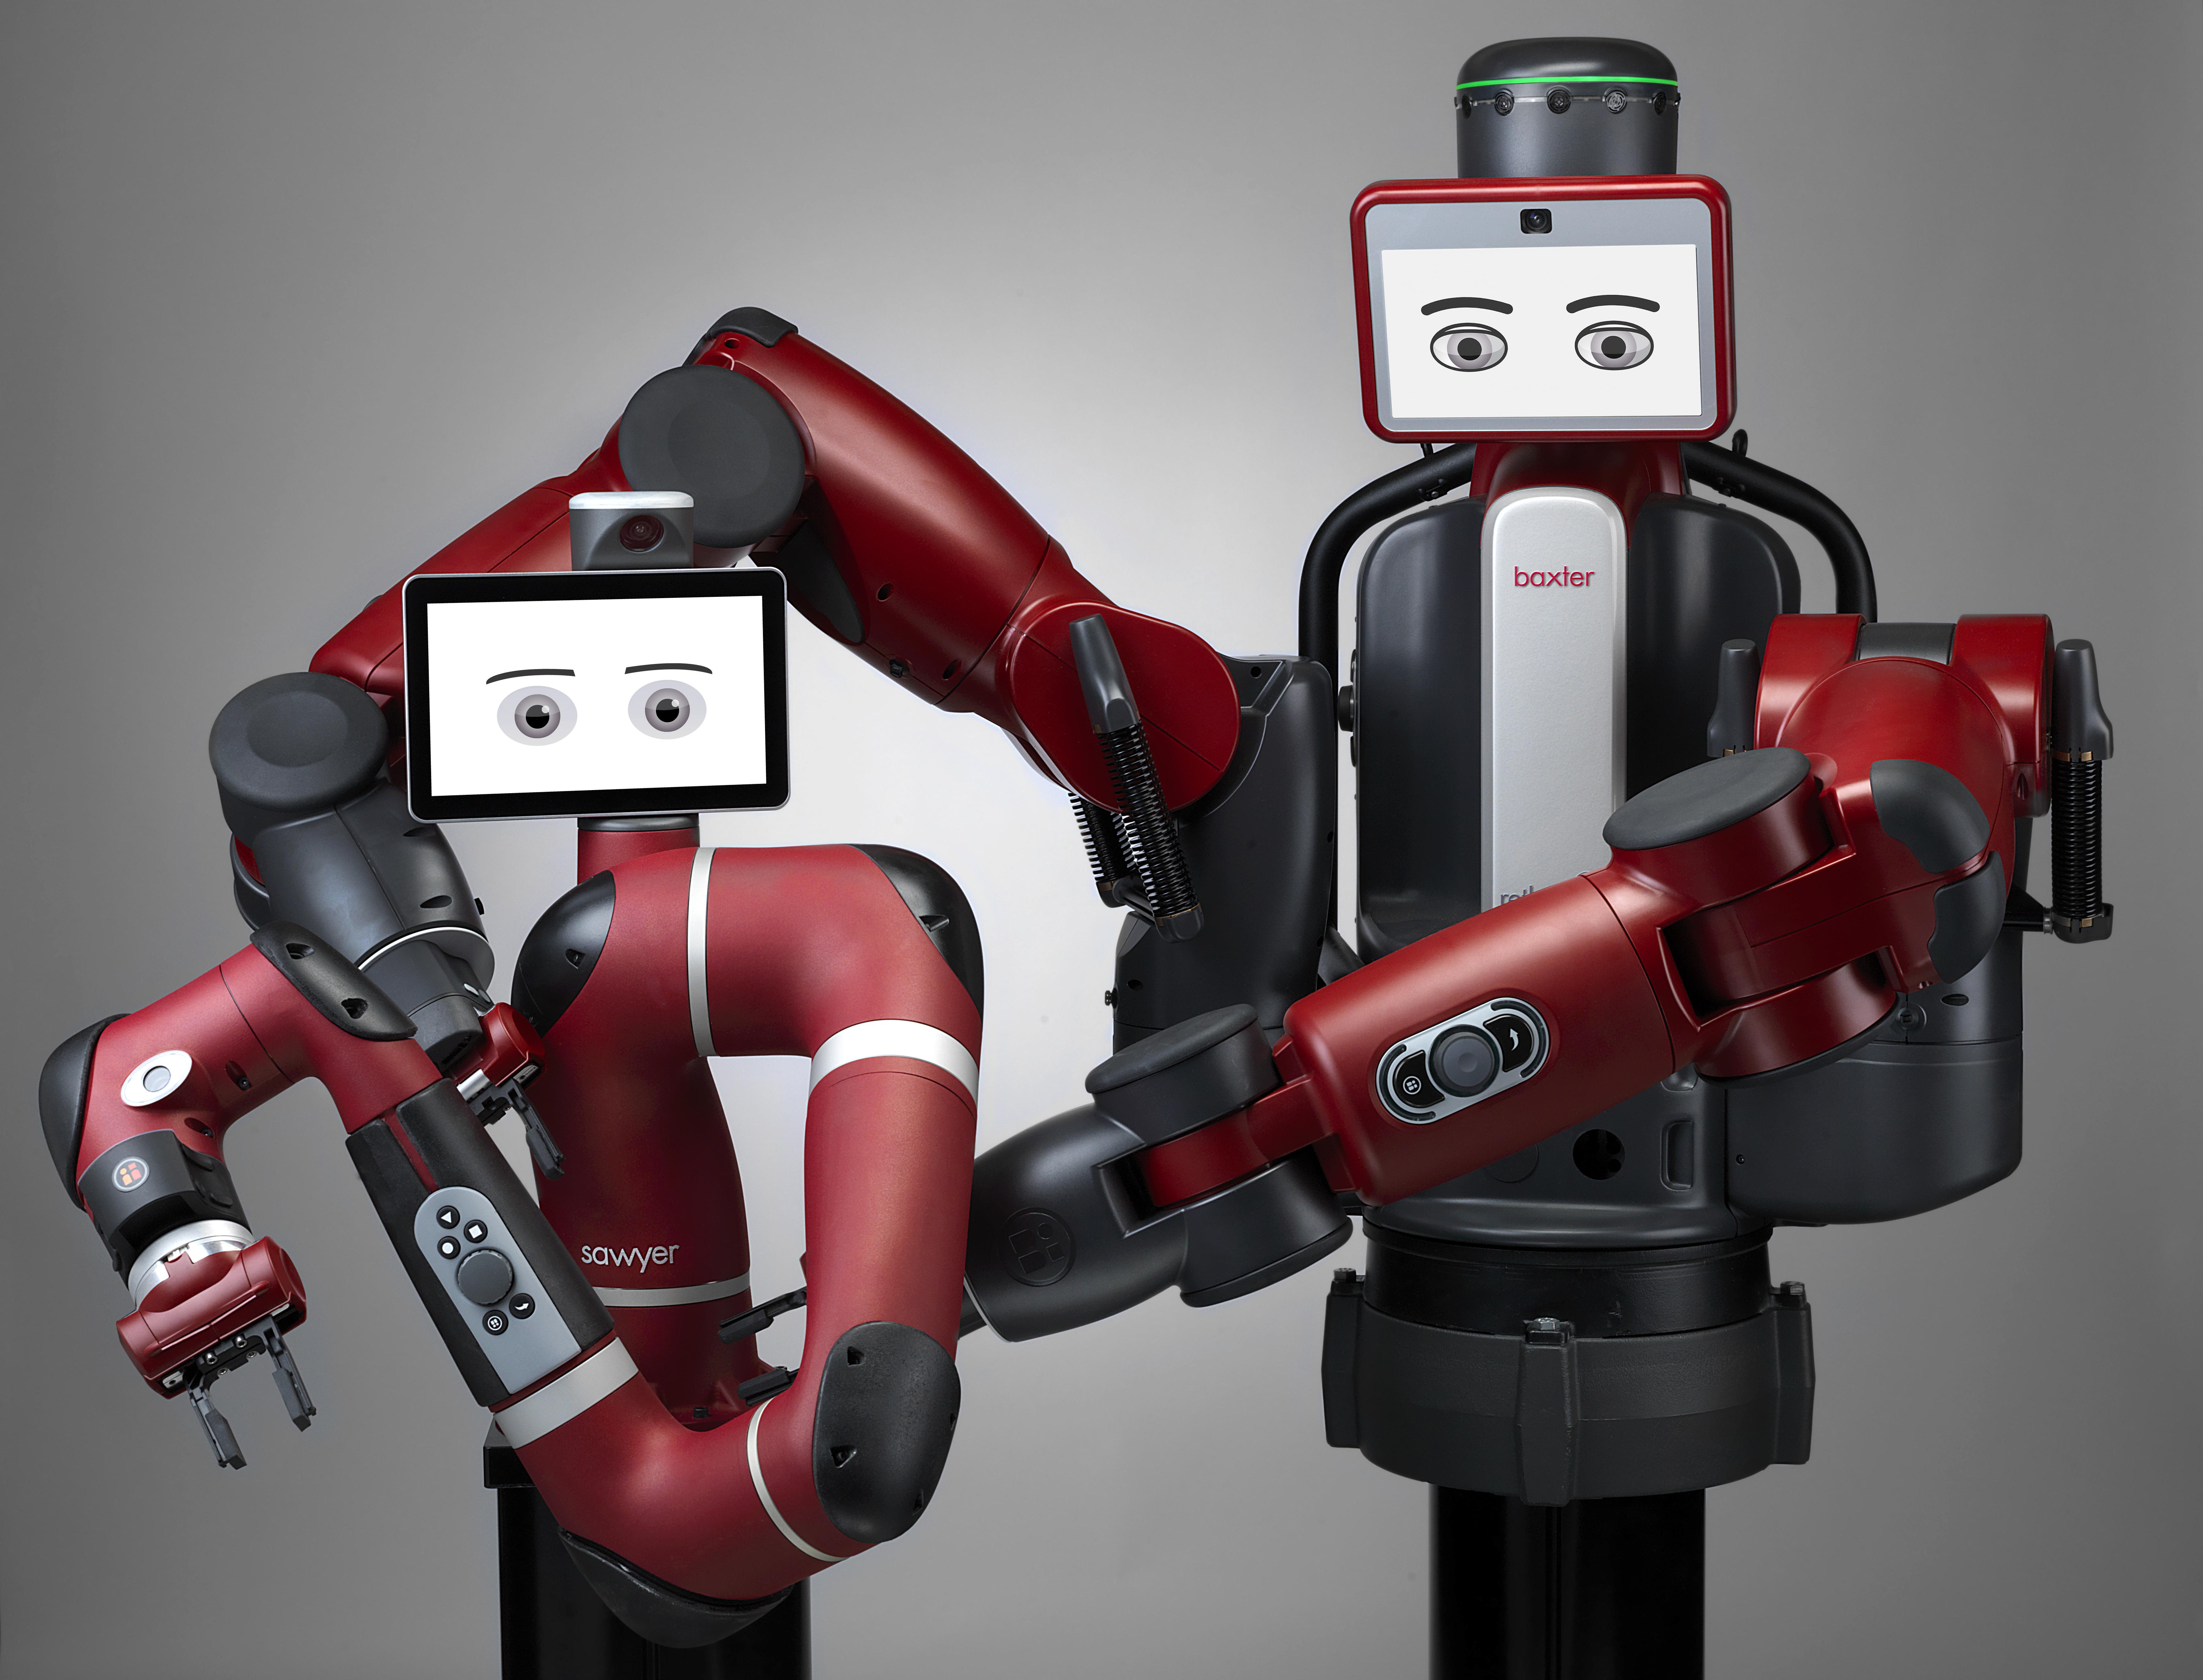 Les cobots sawyer et baxter de Rethink Robotics Baxter et Sawyer